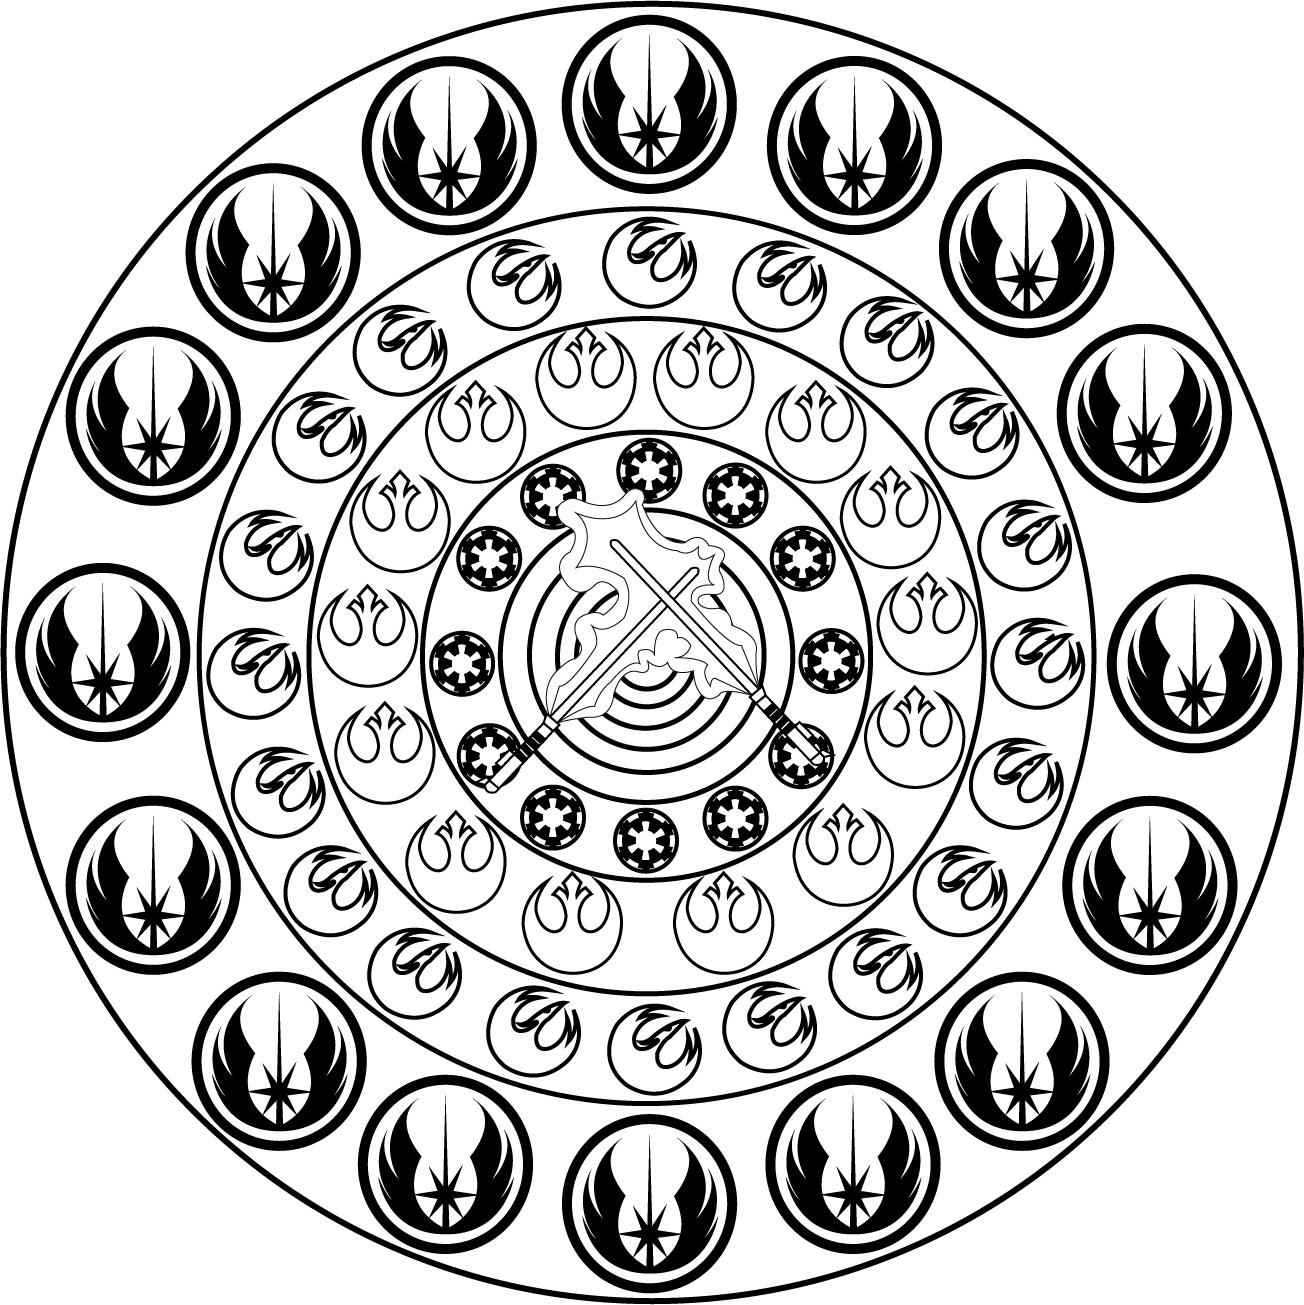 Star Wars Mandala Simple Mandalas 100 Mandalas Zen